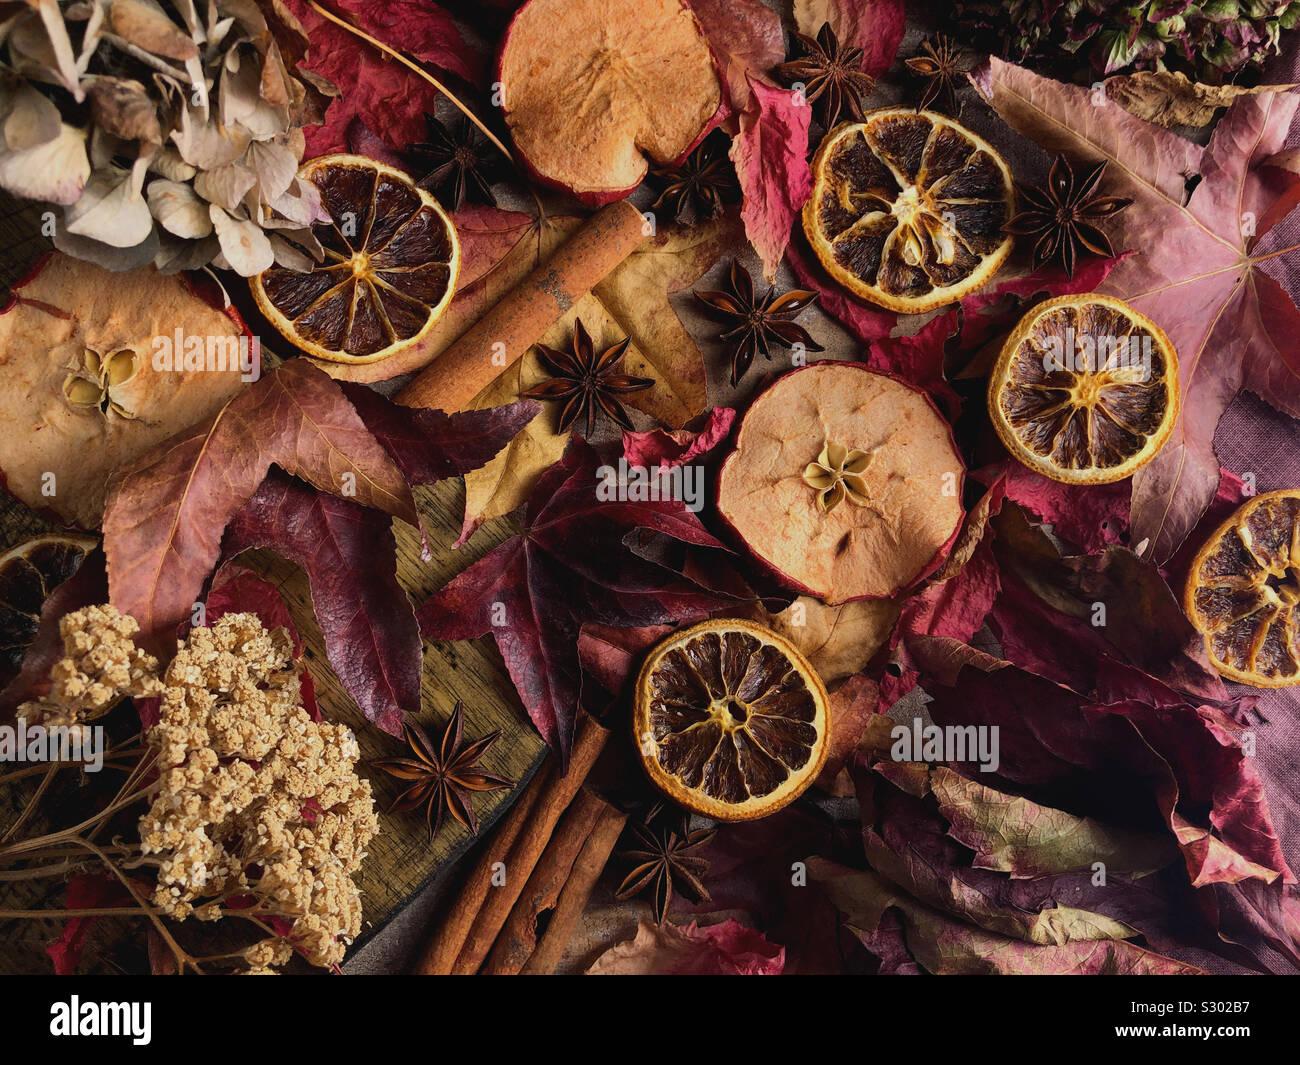 Hohe Betrachtungswinkel von verschiedenen getrockneten Früchten und Blumen Stockfoto